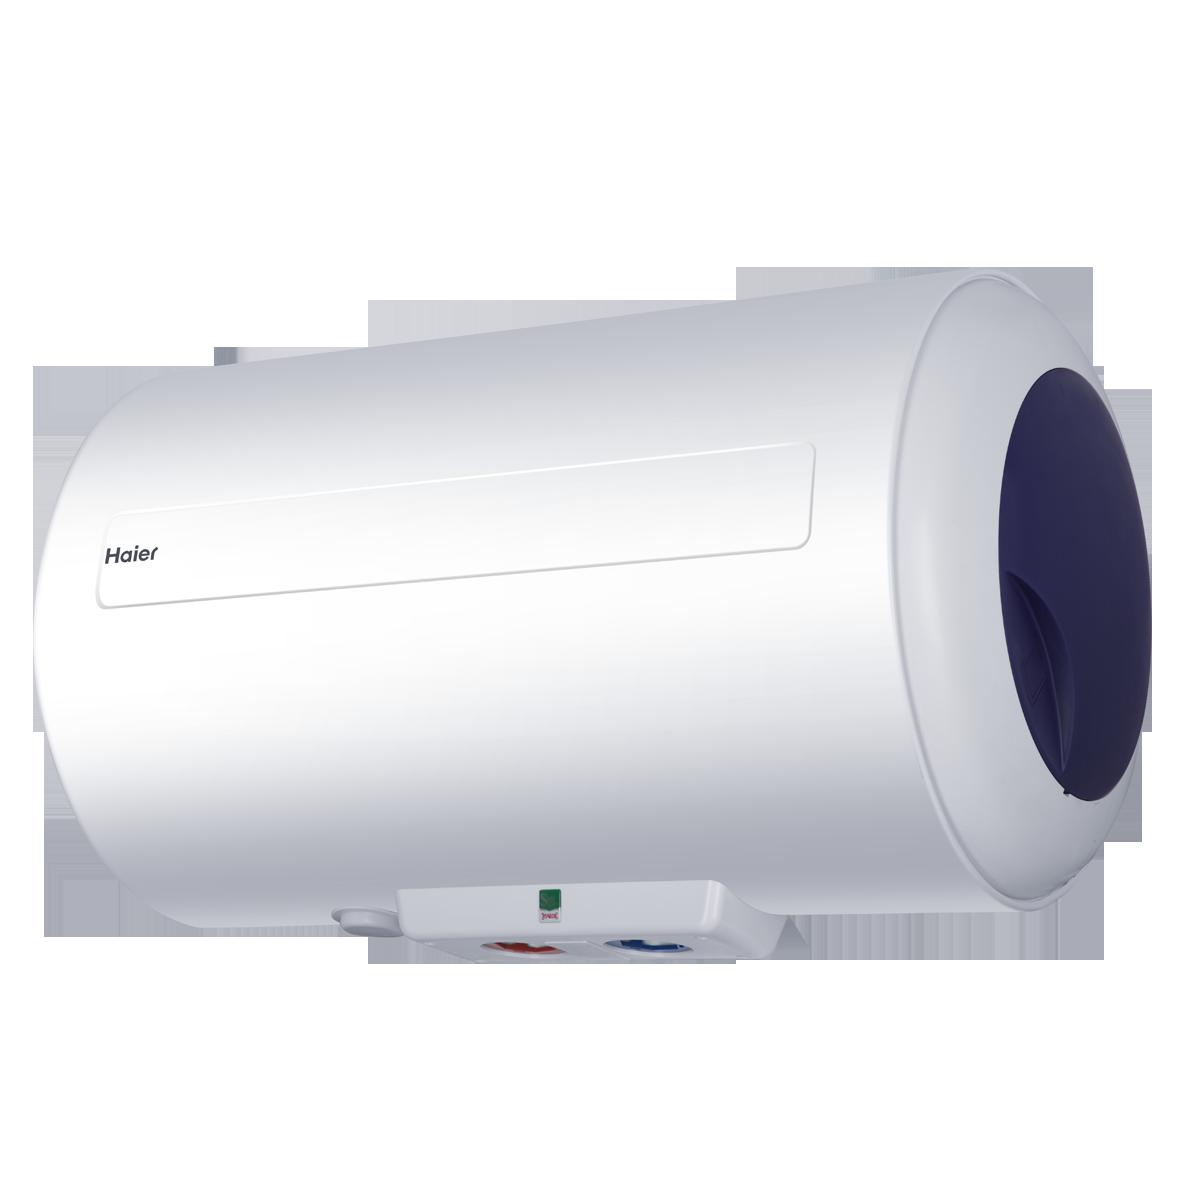 海尔电热水器 fcd-hx80eⅠ(e)